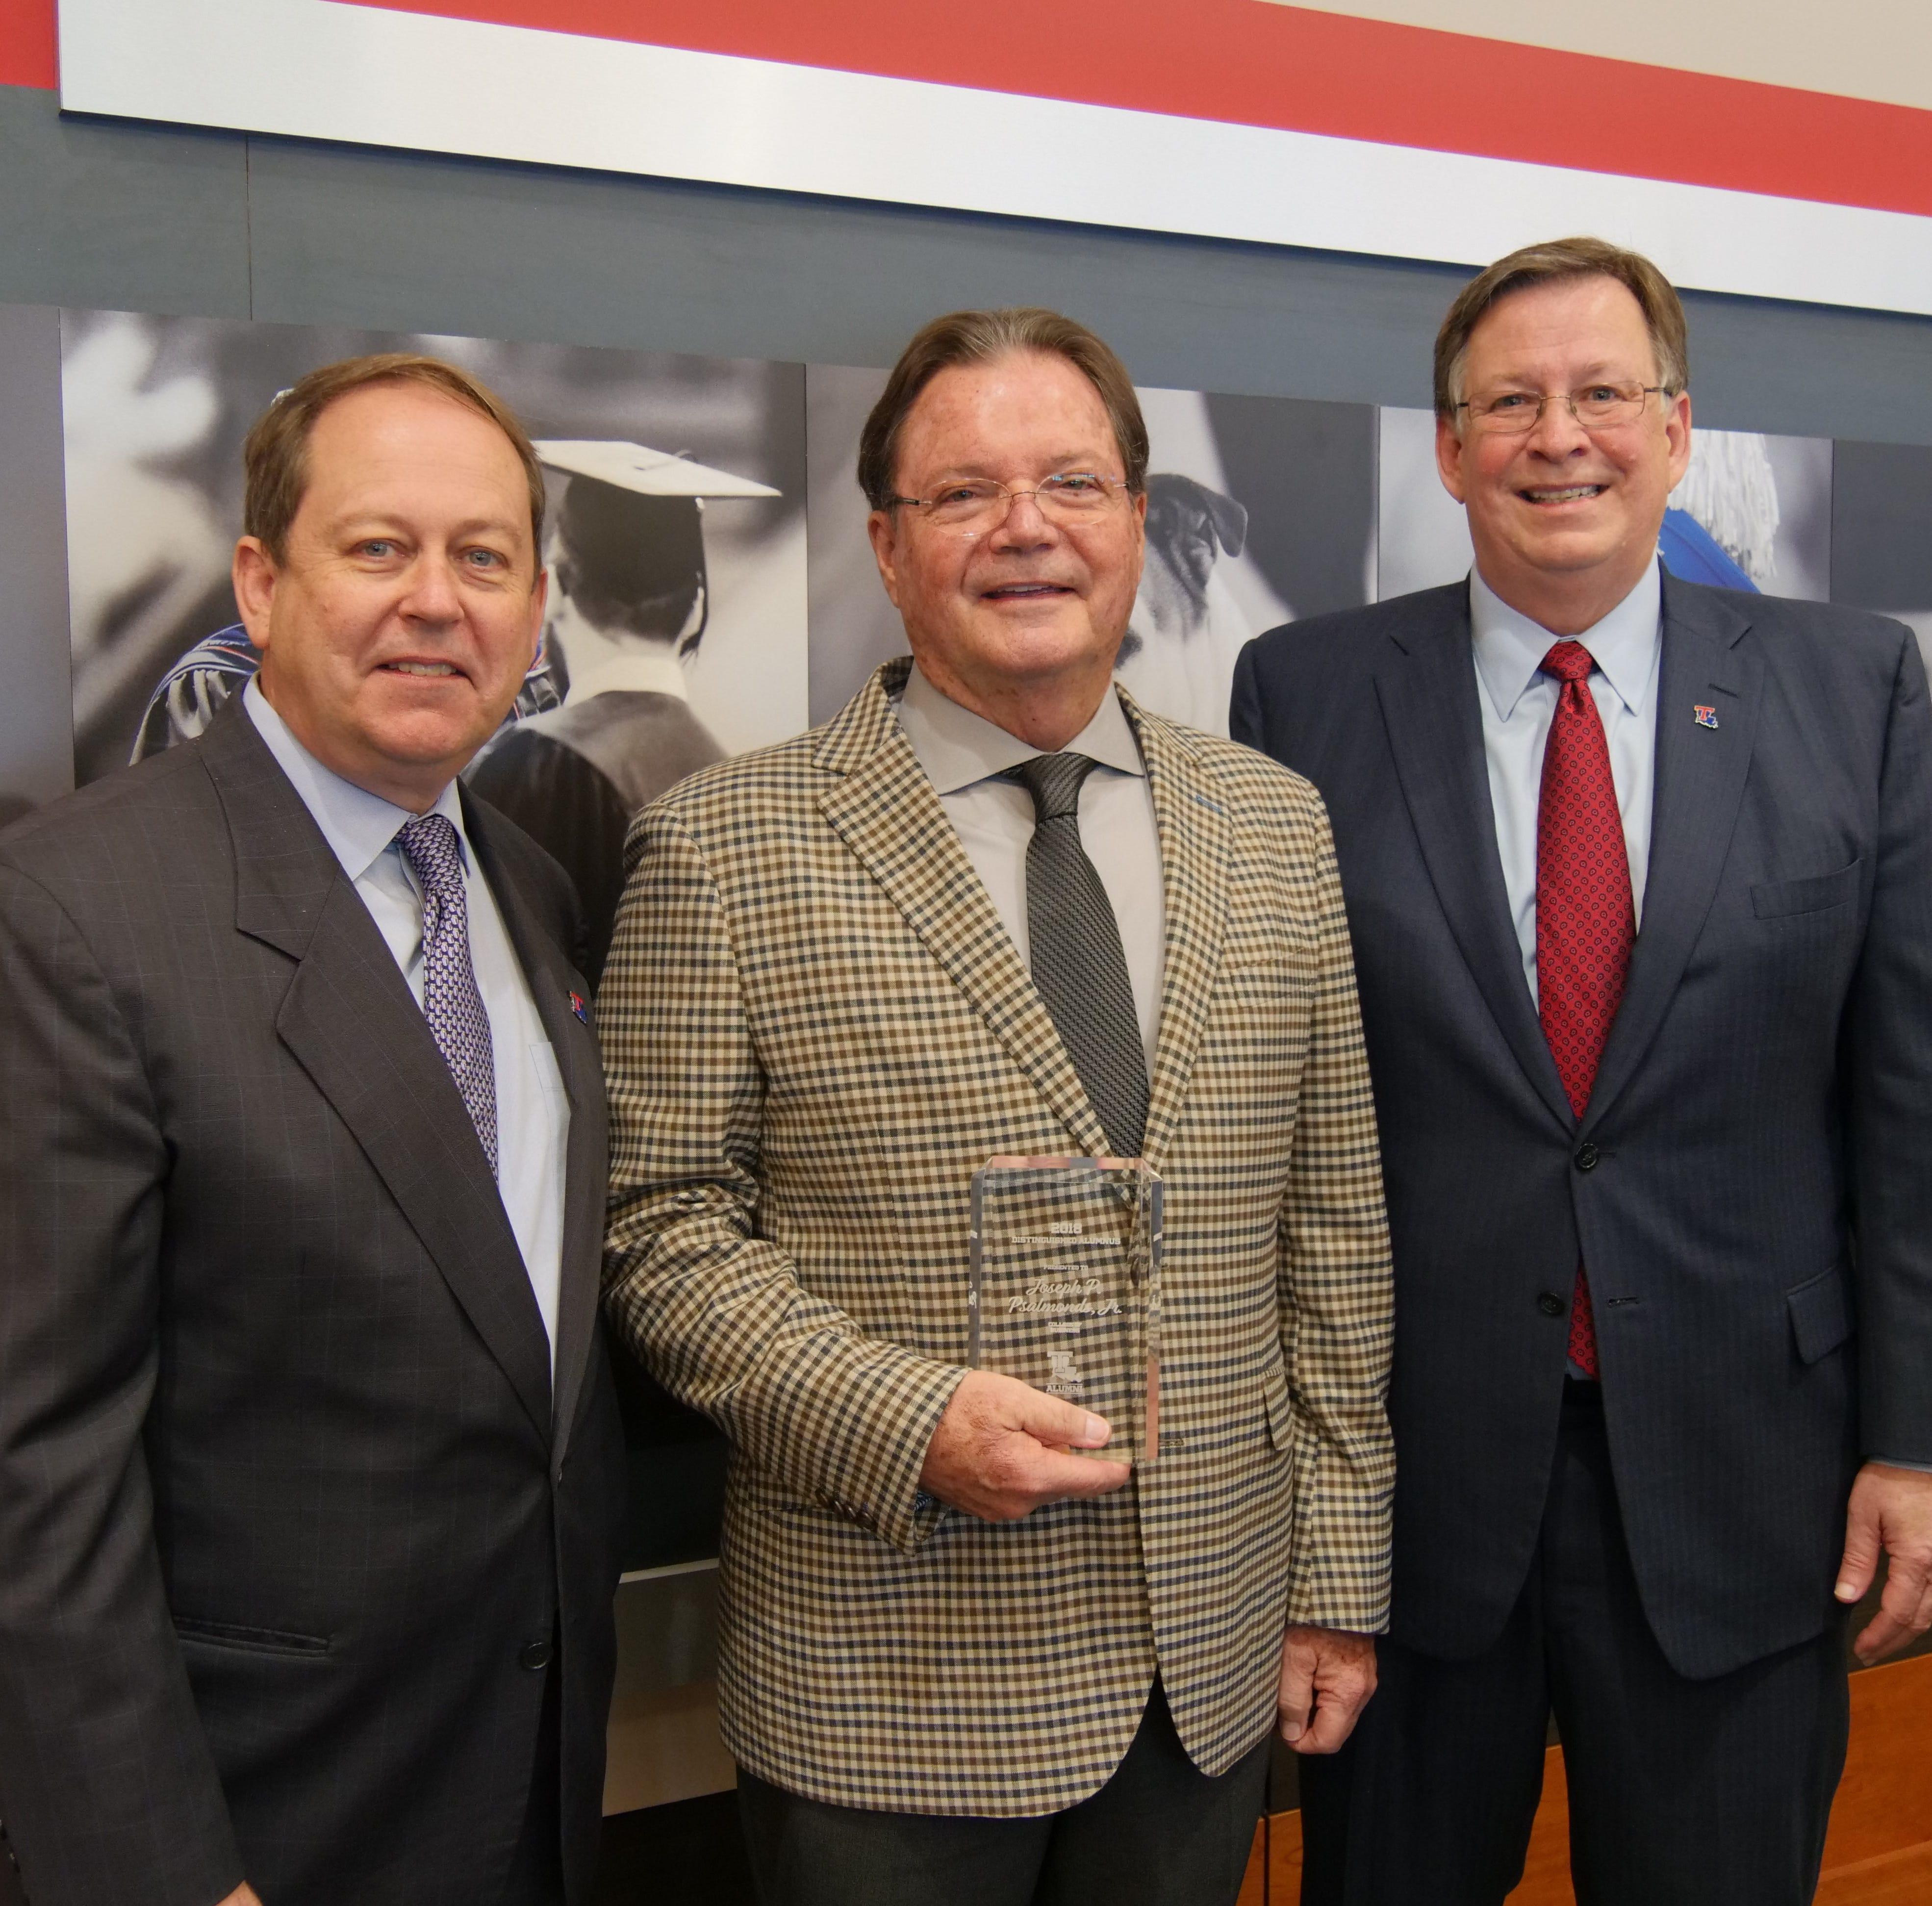 Shreveport community leader named Louisiana Tech's Business Alumnus of the Year